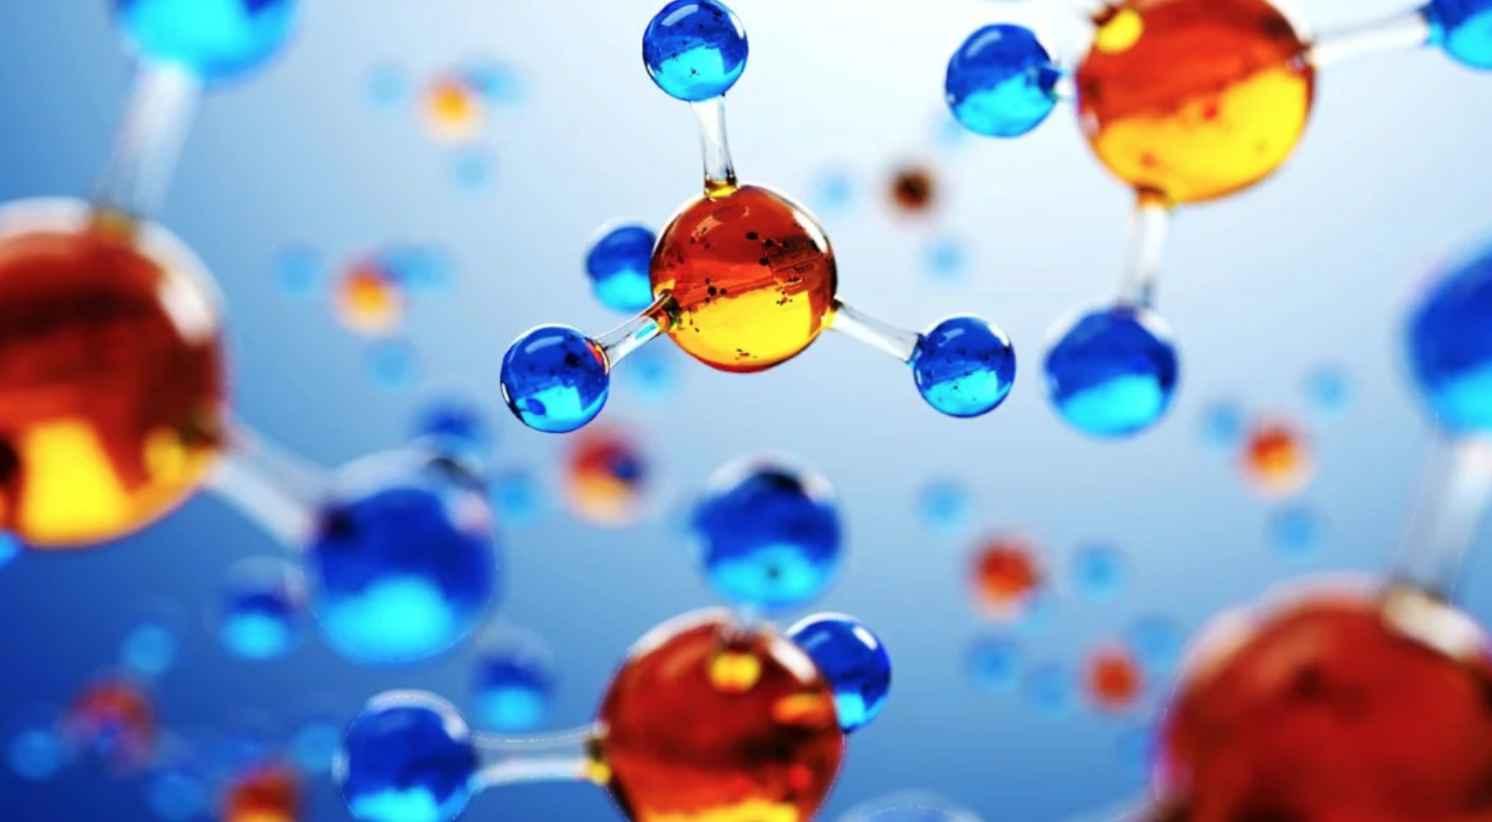 Квантовые вычисления обеспечат прорывы в химии. Каким образом?